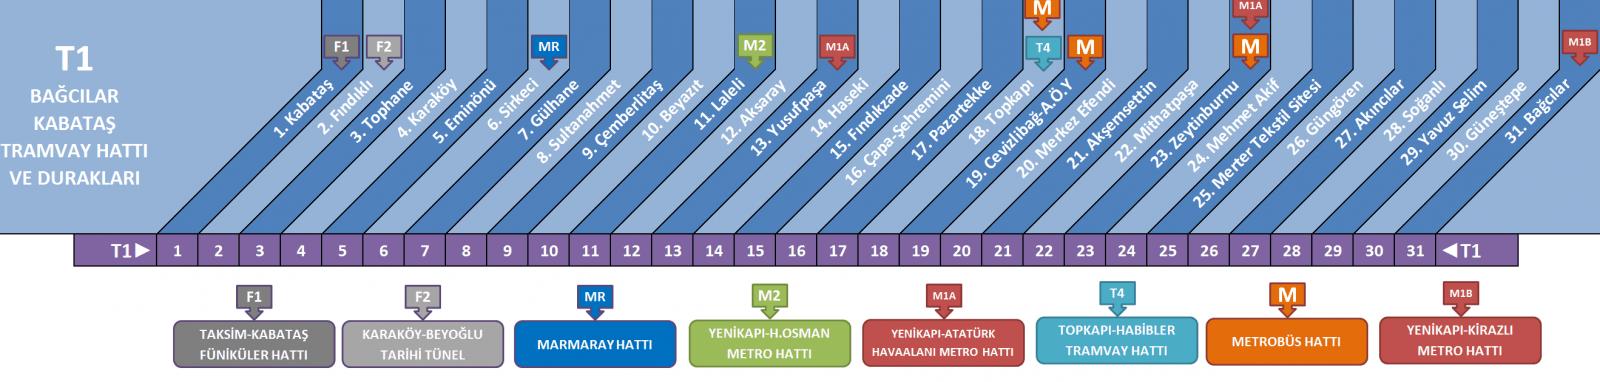 Общественный транспорт в Стамбуле. Карта остановок трамвая в Стамбуле